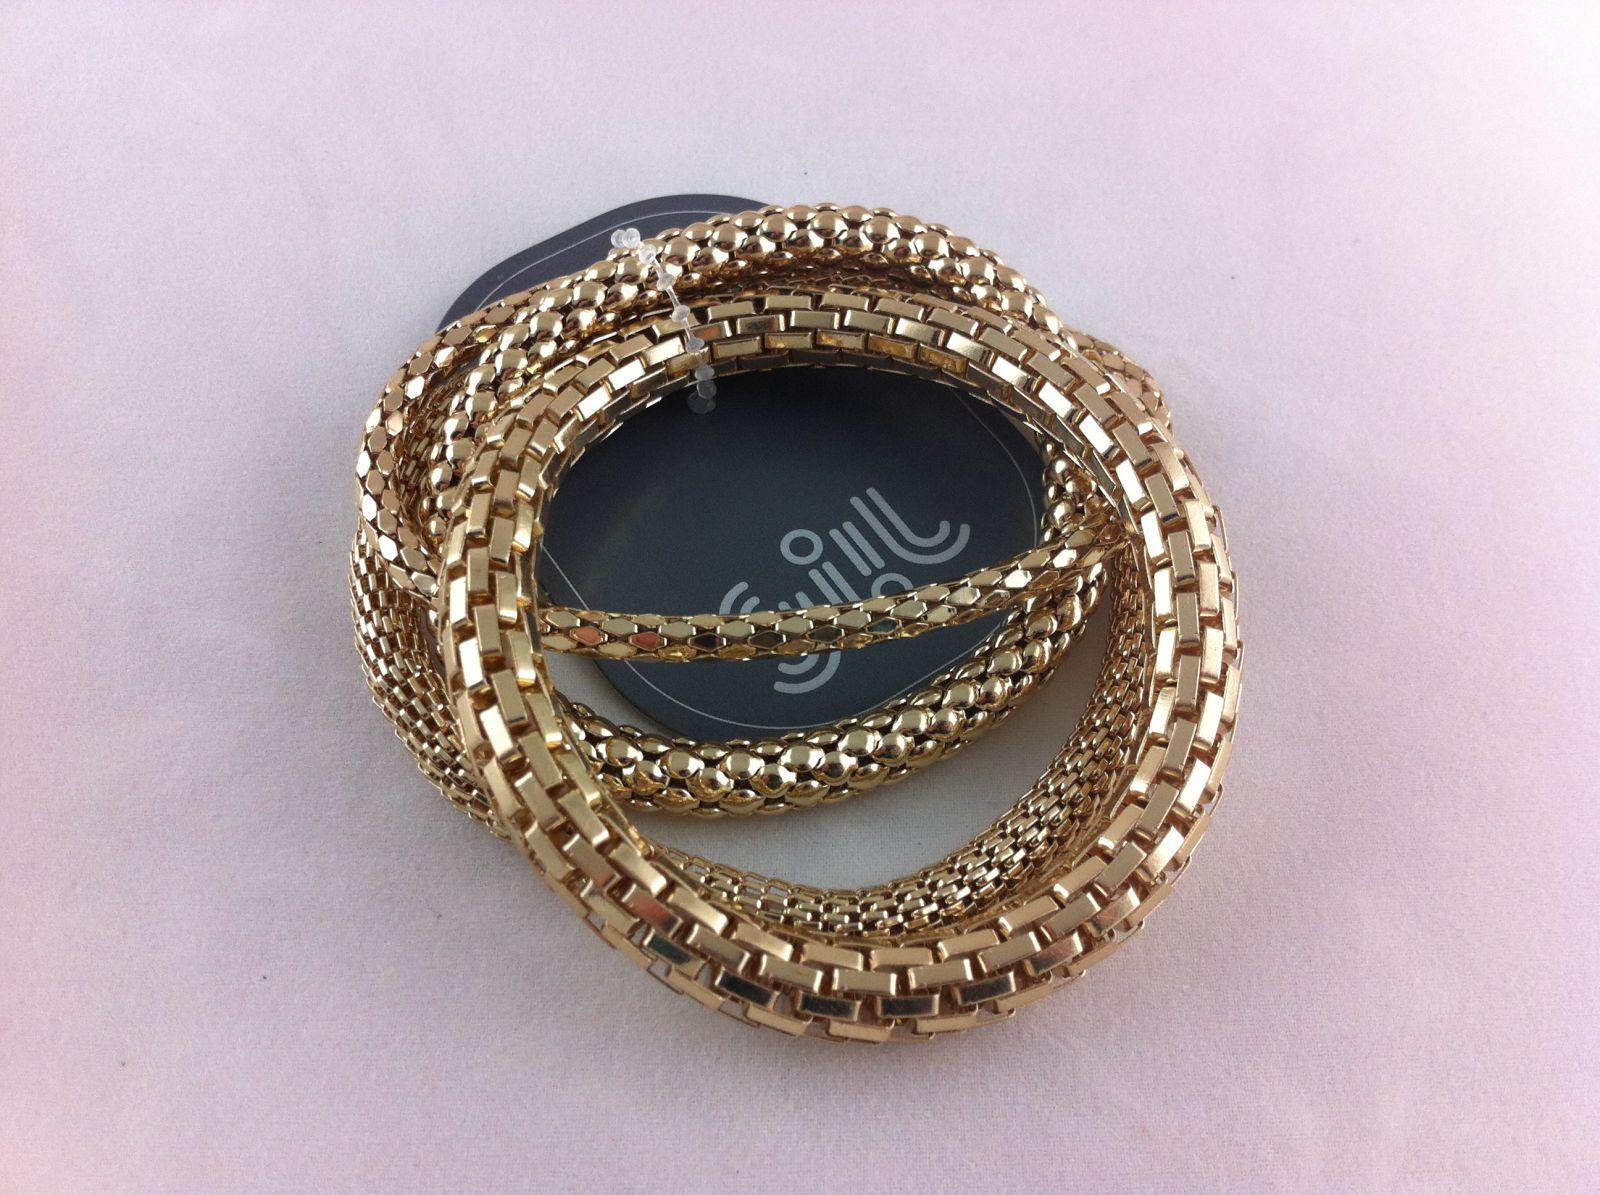 Zlaté náramky na gumičce s různým motivem GIIL